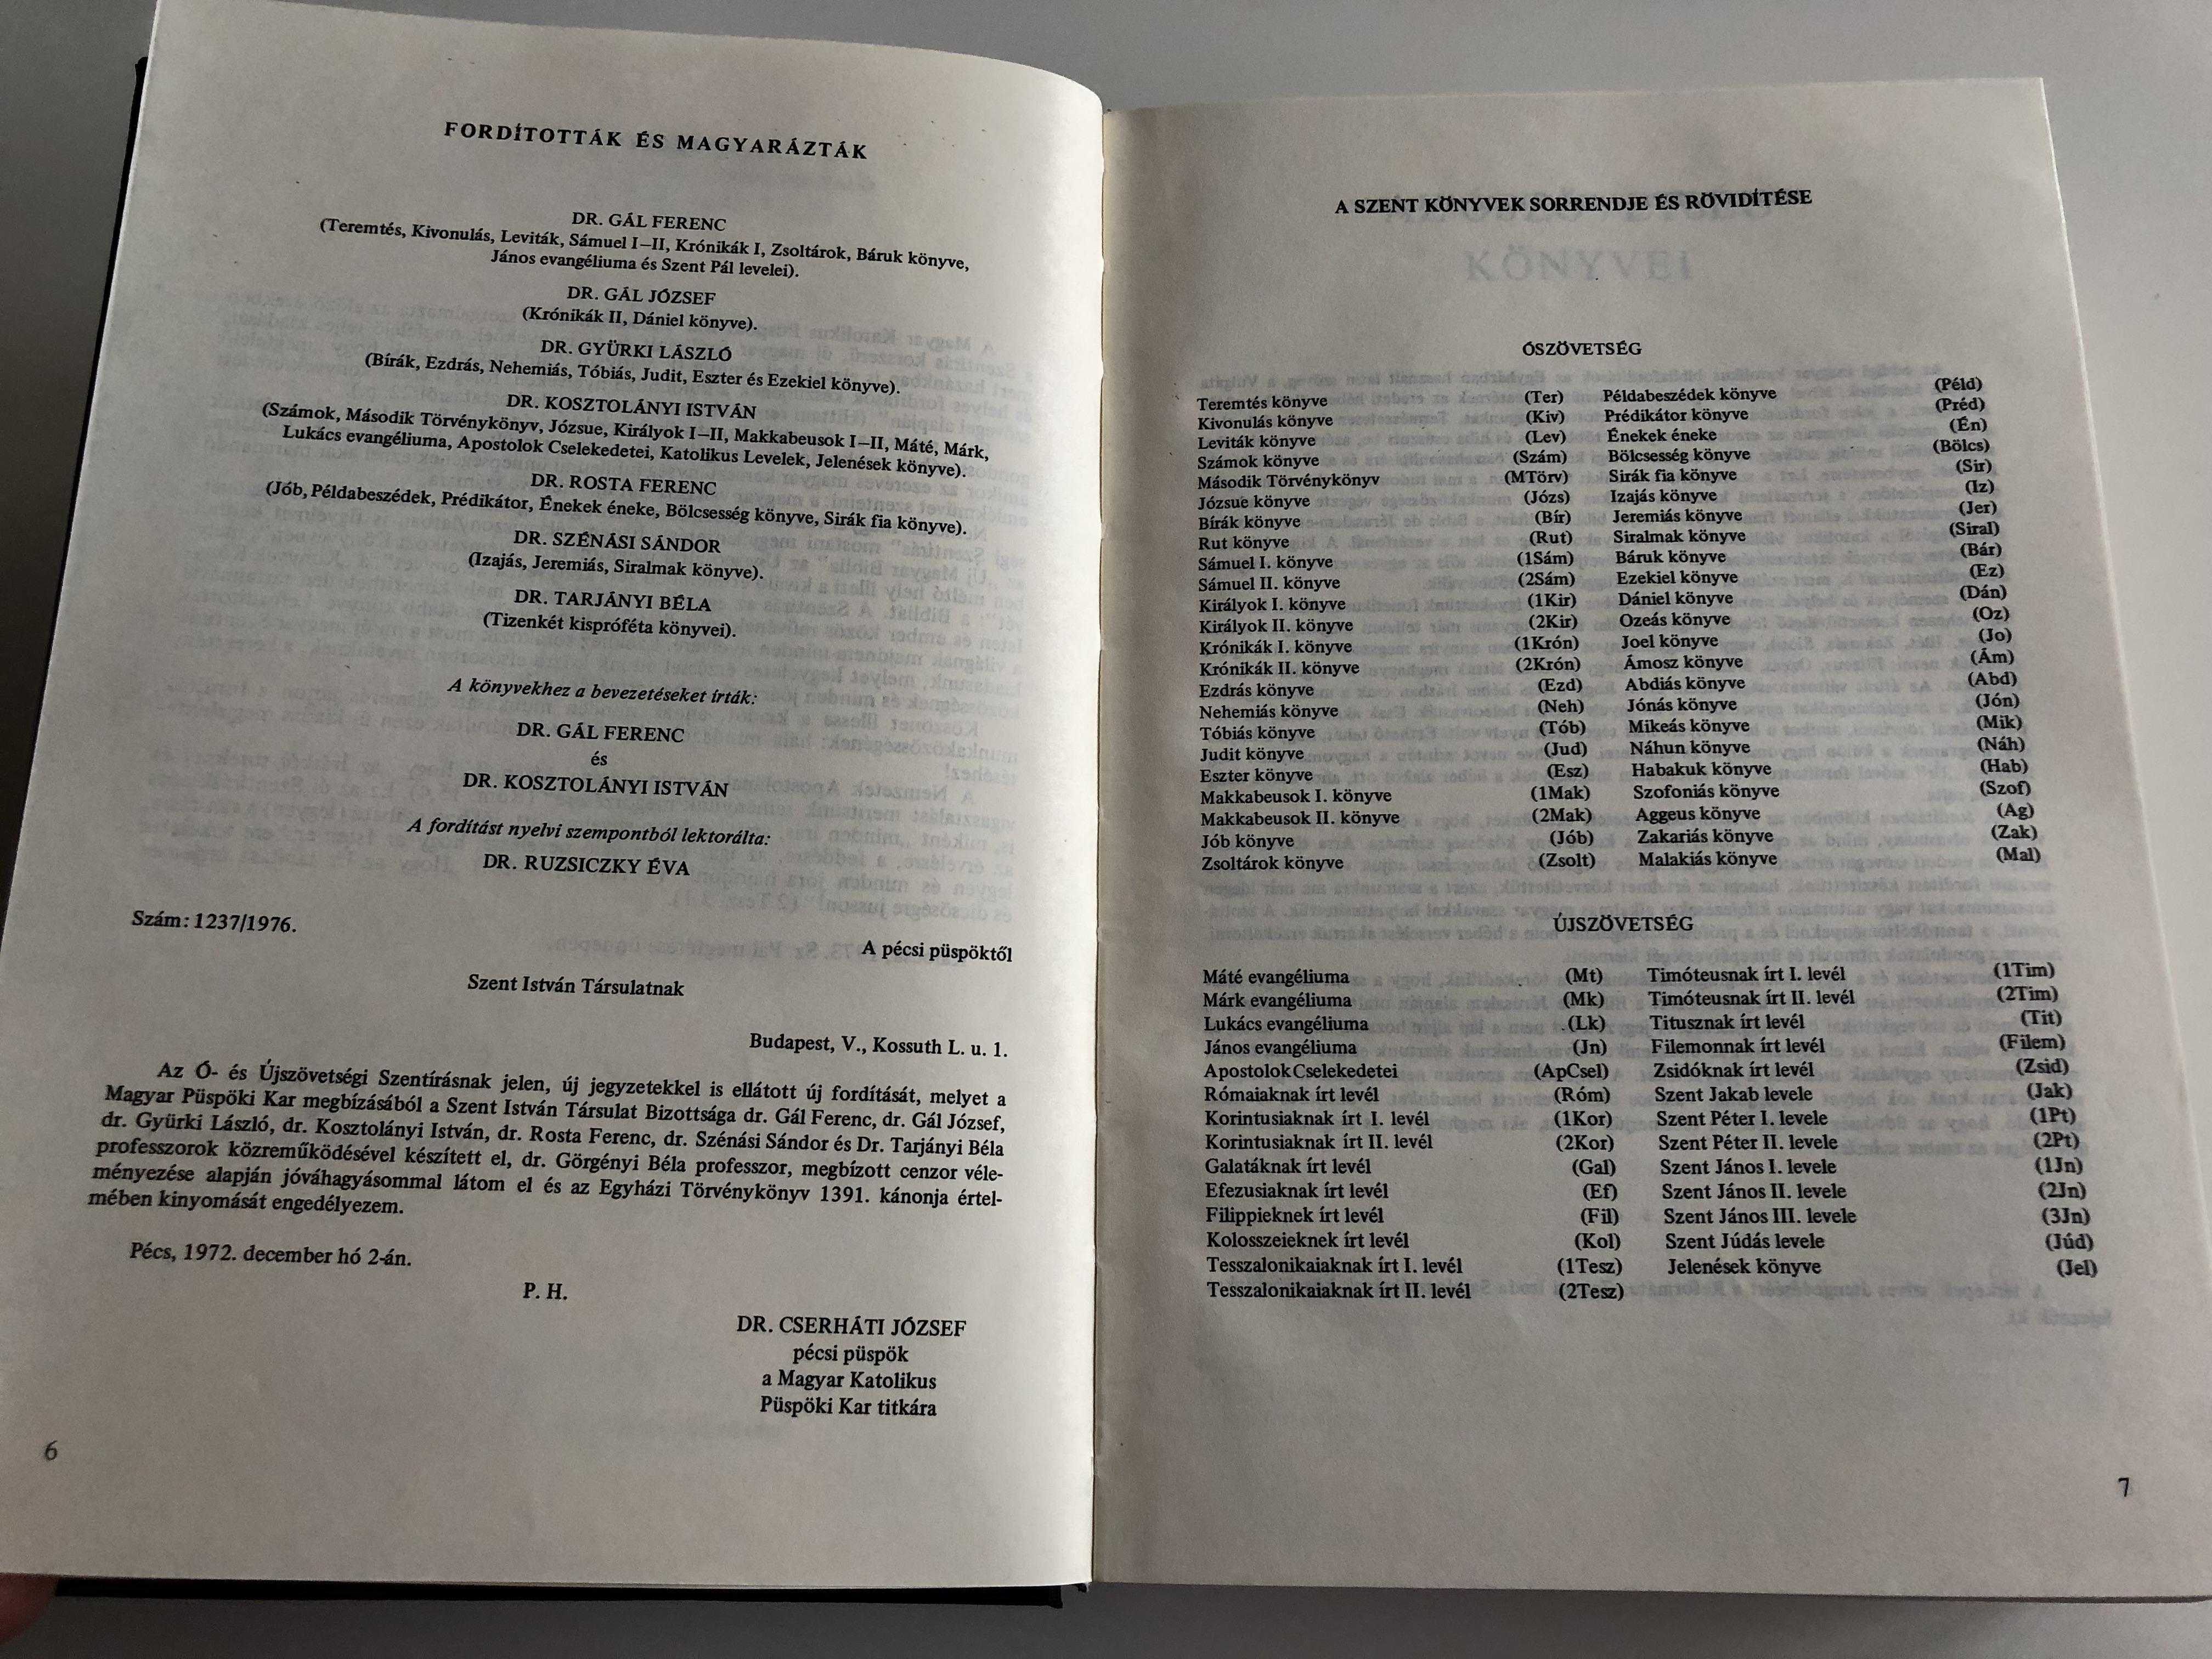 large-hungarian-family-bible-catholic-1982-print-nagy-magyar-katolikus-csaladi-biblia-fekete-kemenytablas-6-.jpg